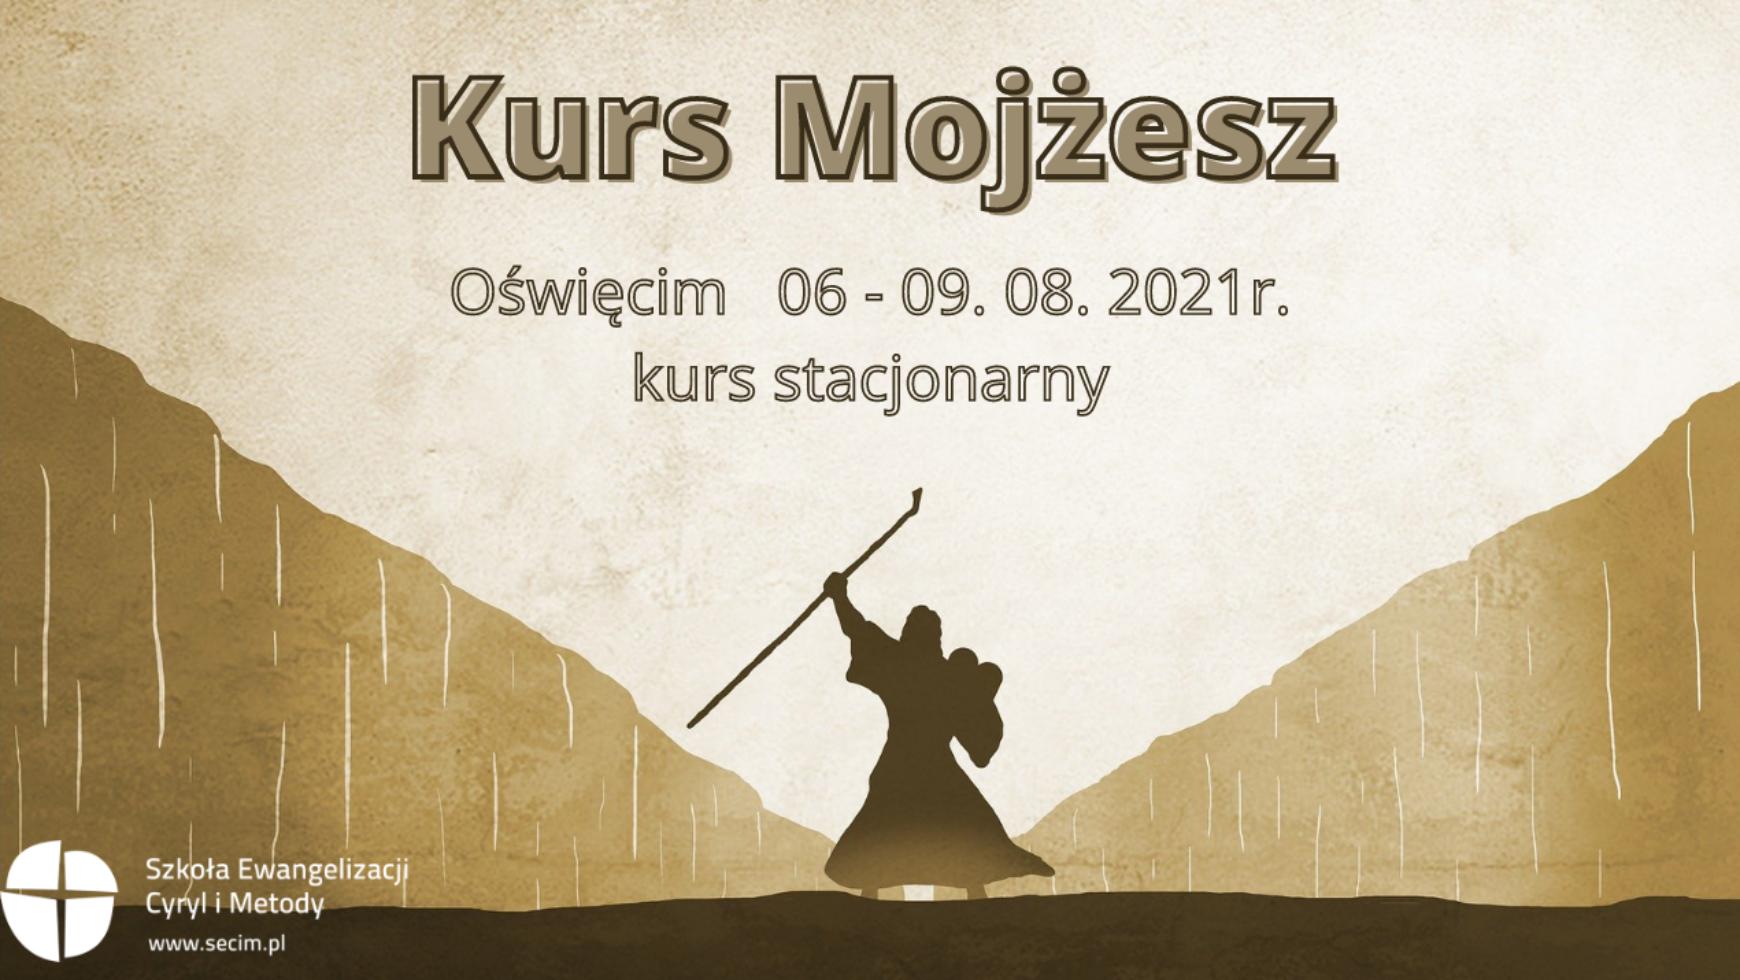 Kurs Mojżesz, Oświęcim